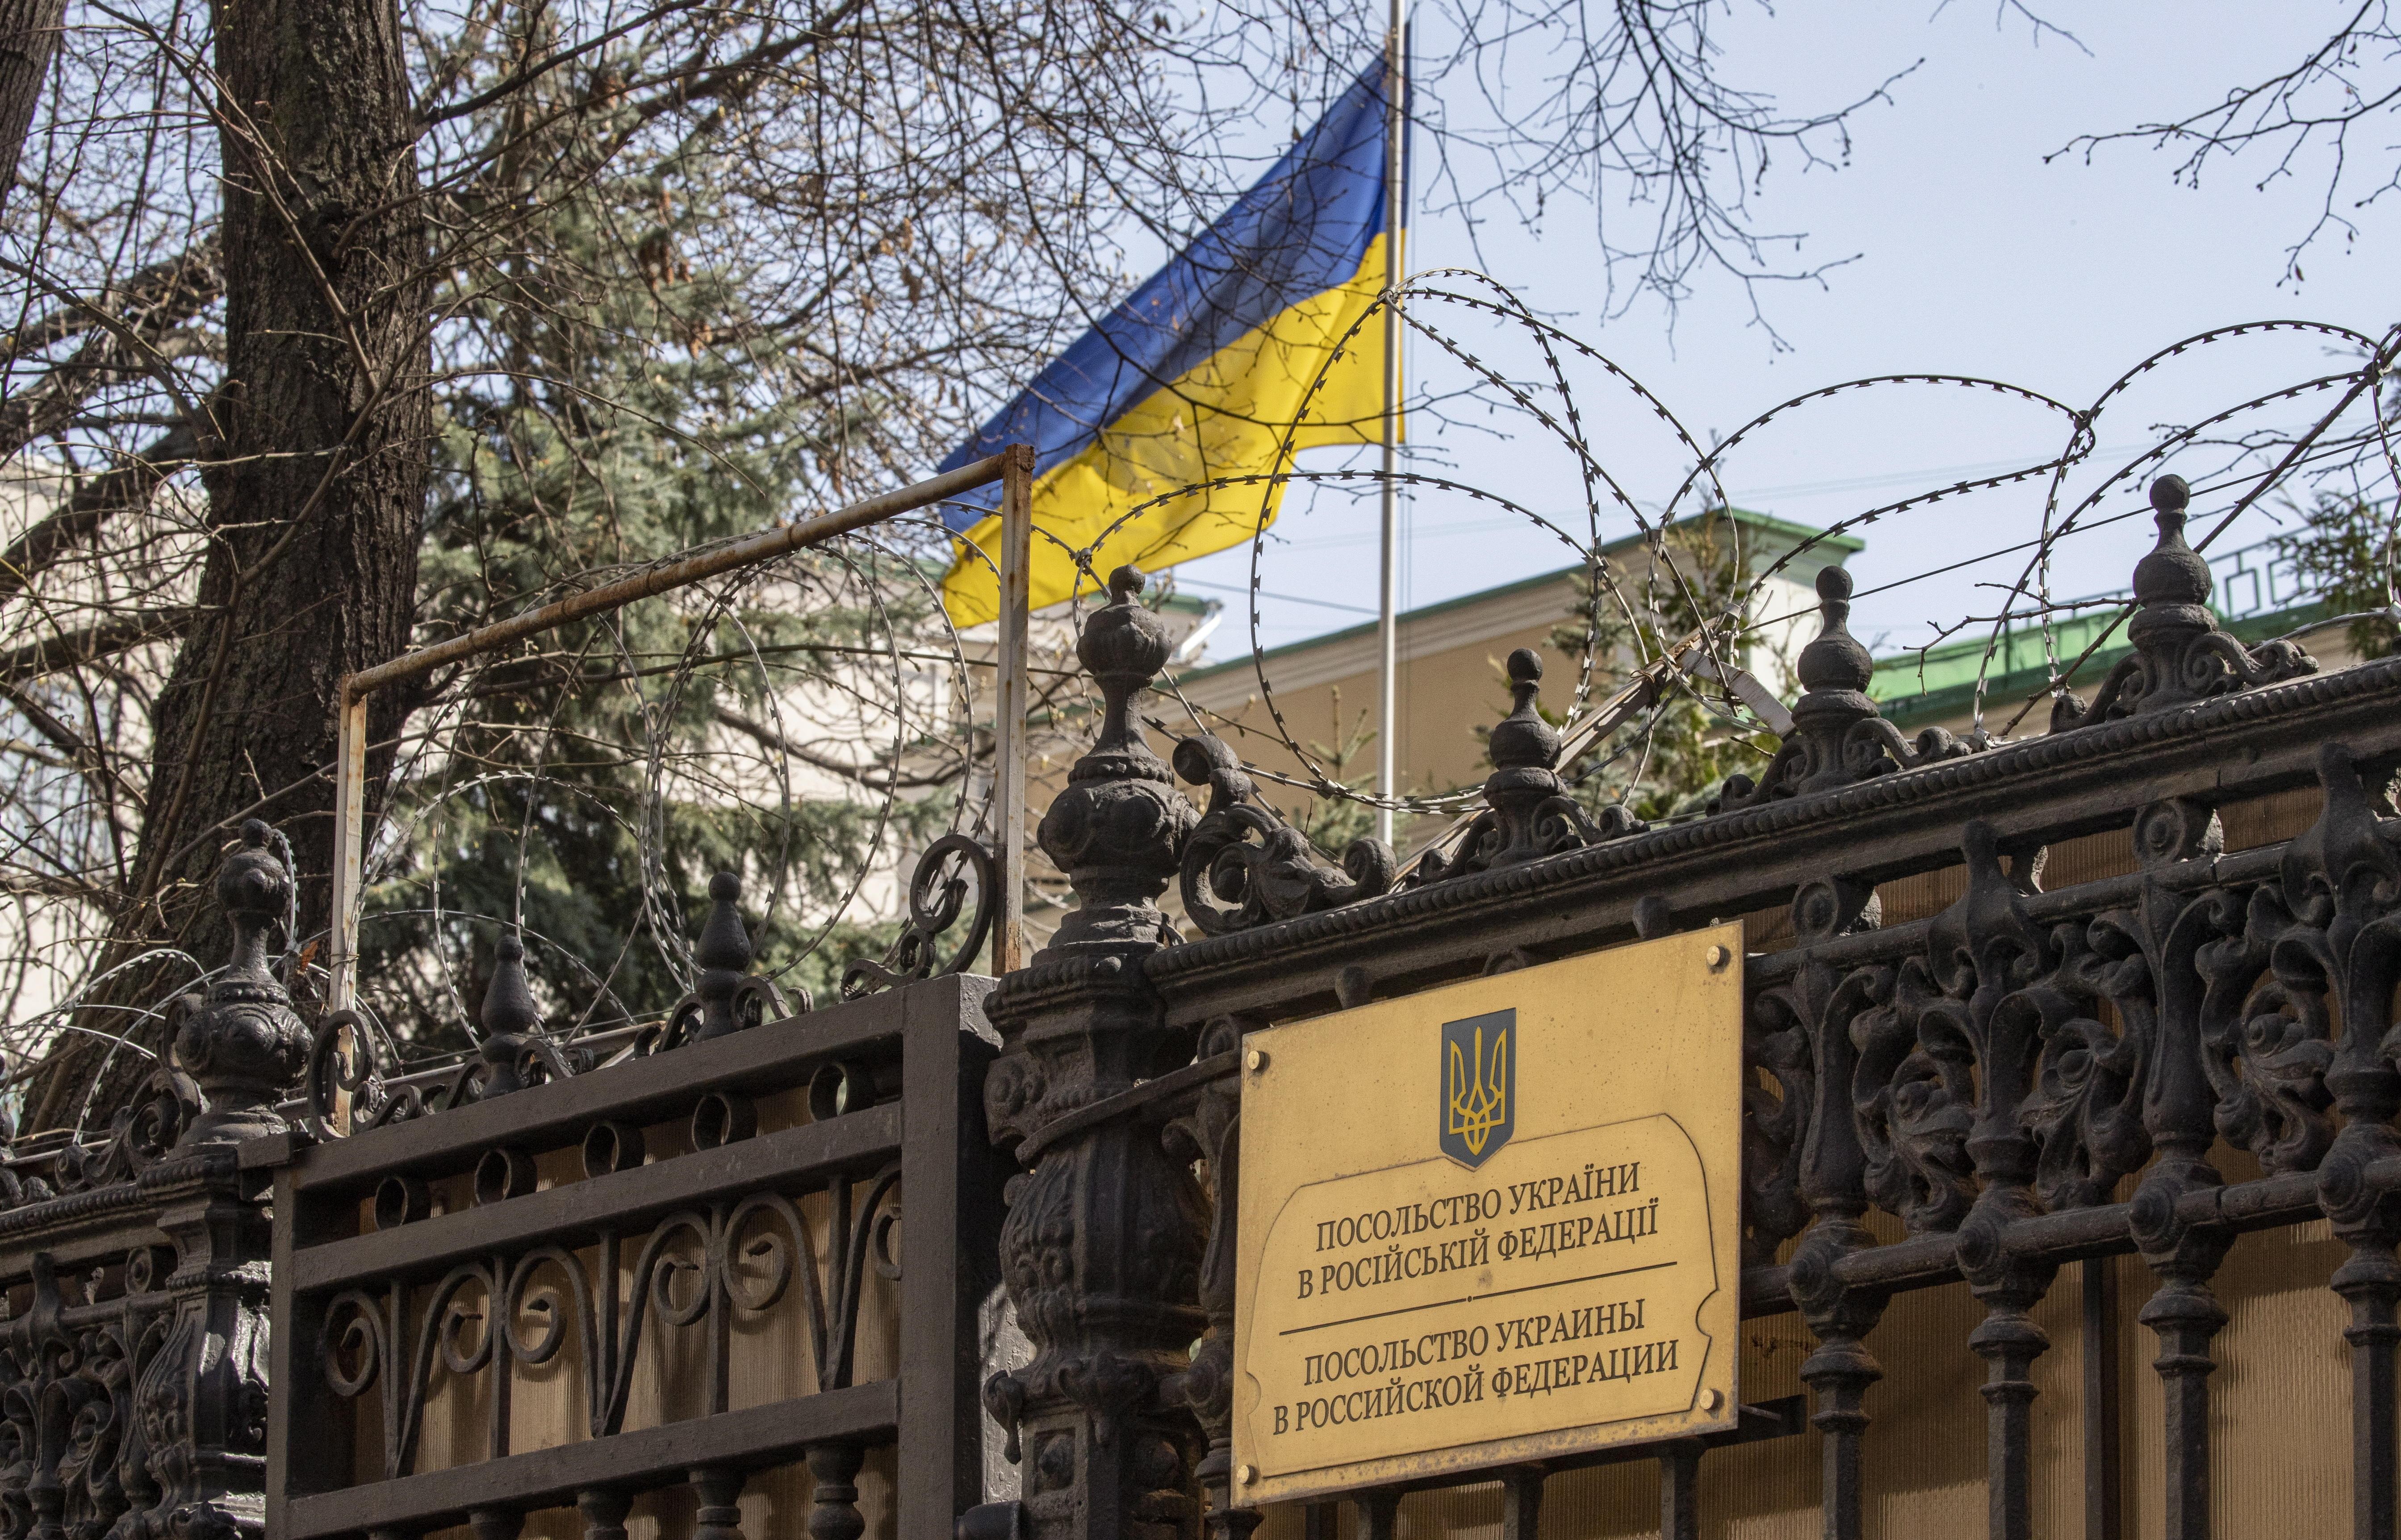 La bandera de Ucrania, en la embajada del país en Rusia.